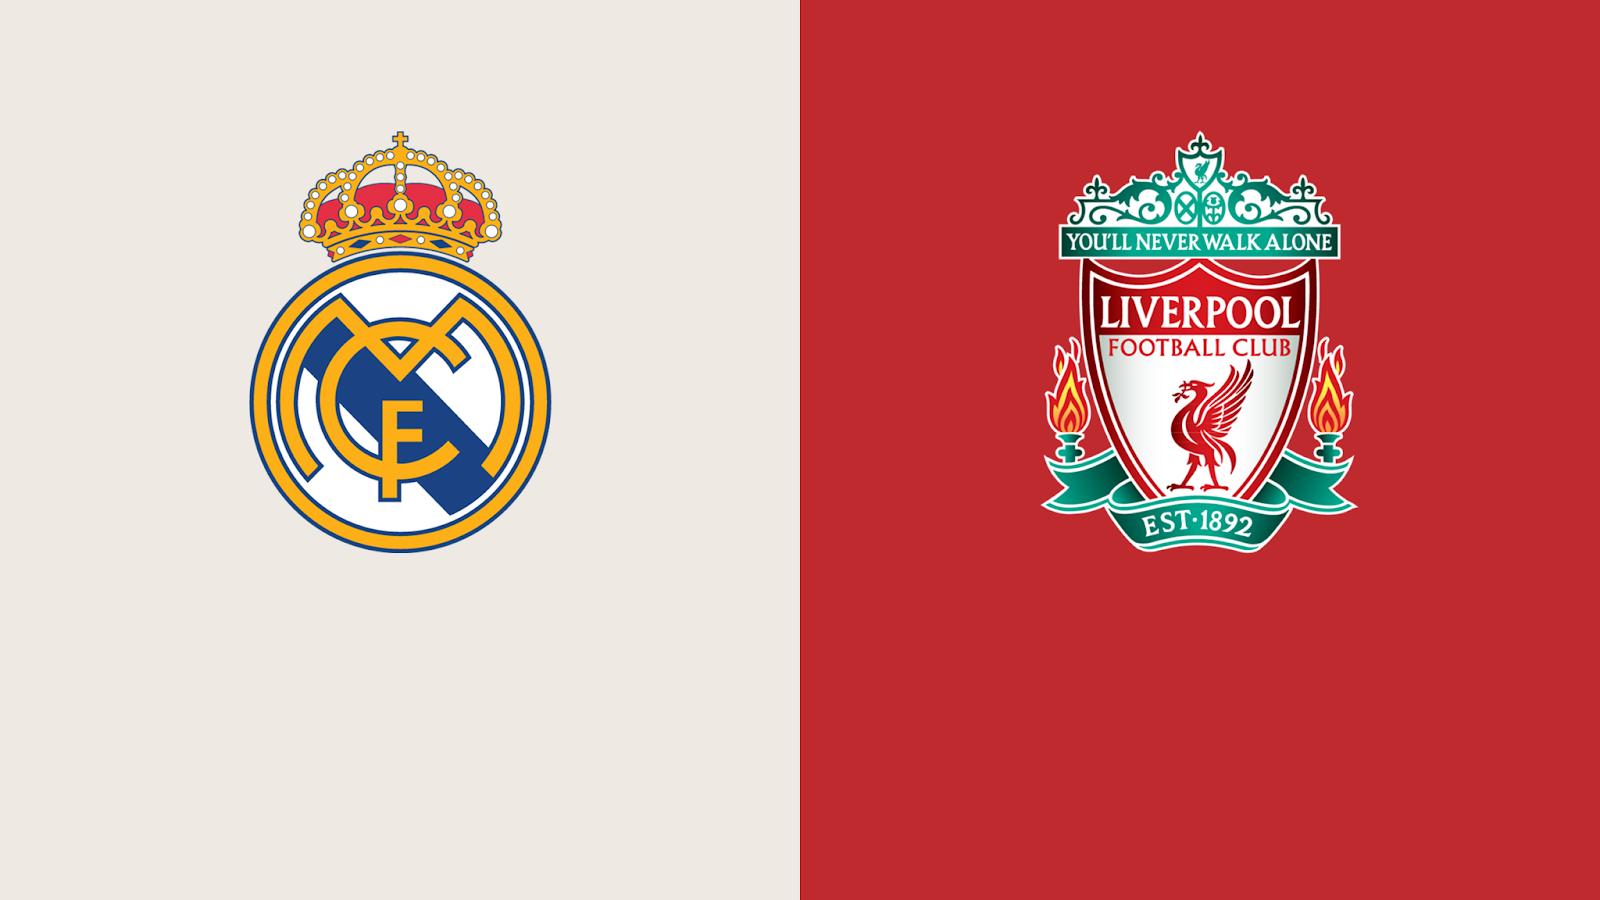 مشاهدة مباراة  ريال مدريد وليفربول بث مباشر اليوم 6 / ابريل / 2021 دوري أبطال اوروبا